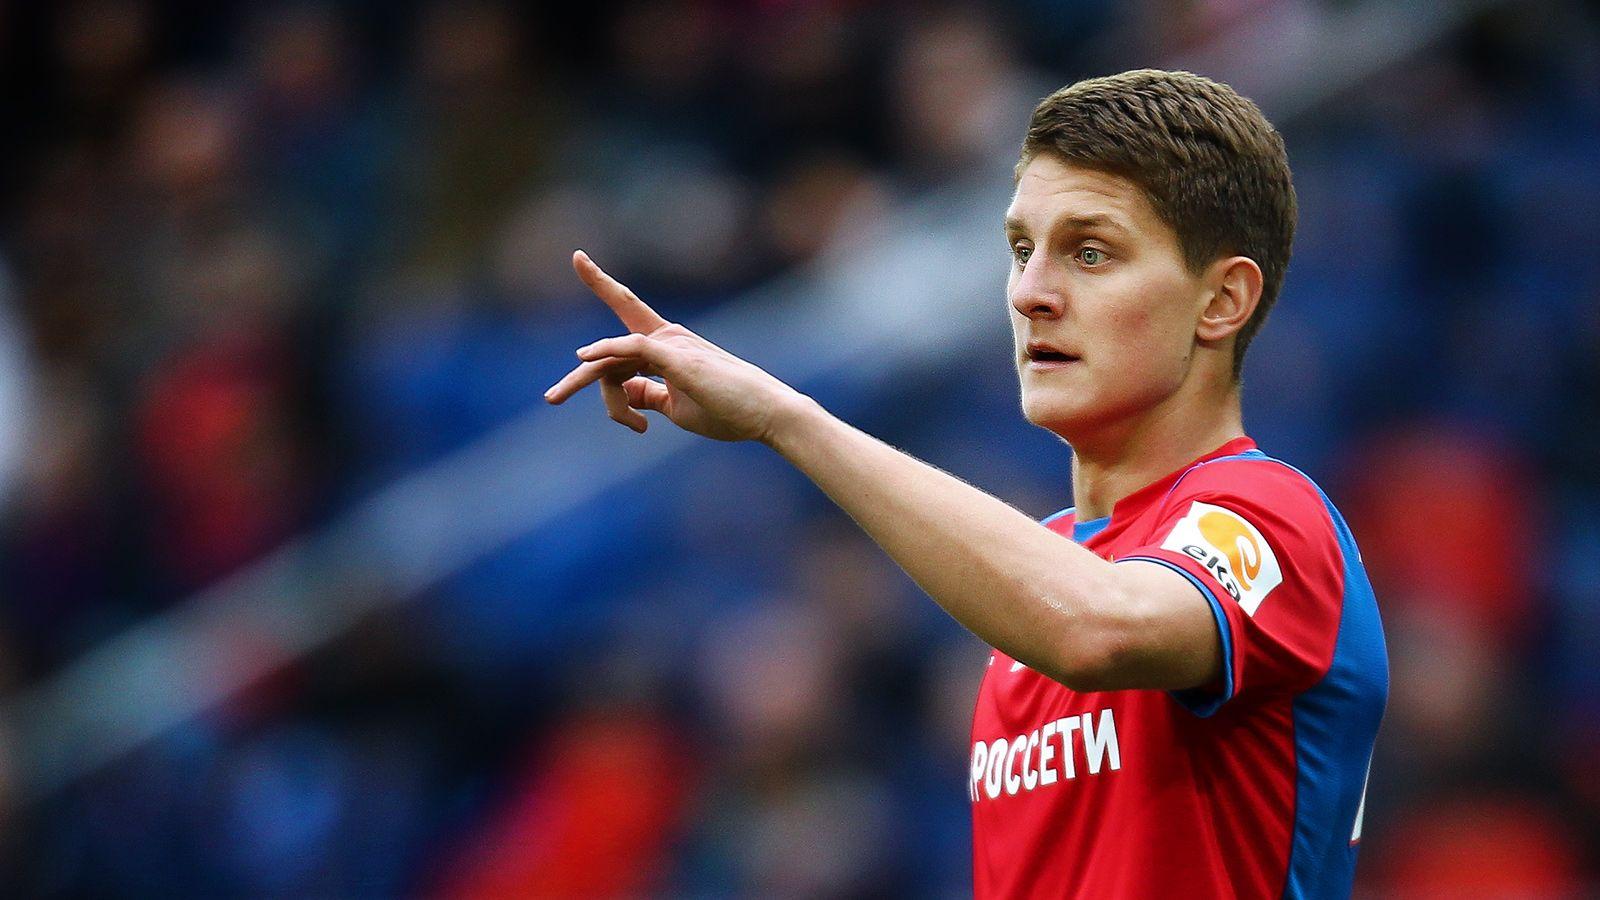 Игорь Дивеев стал лучшим молодым игроком Российской Премьер-лиги